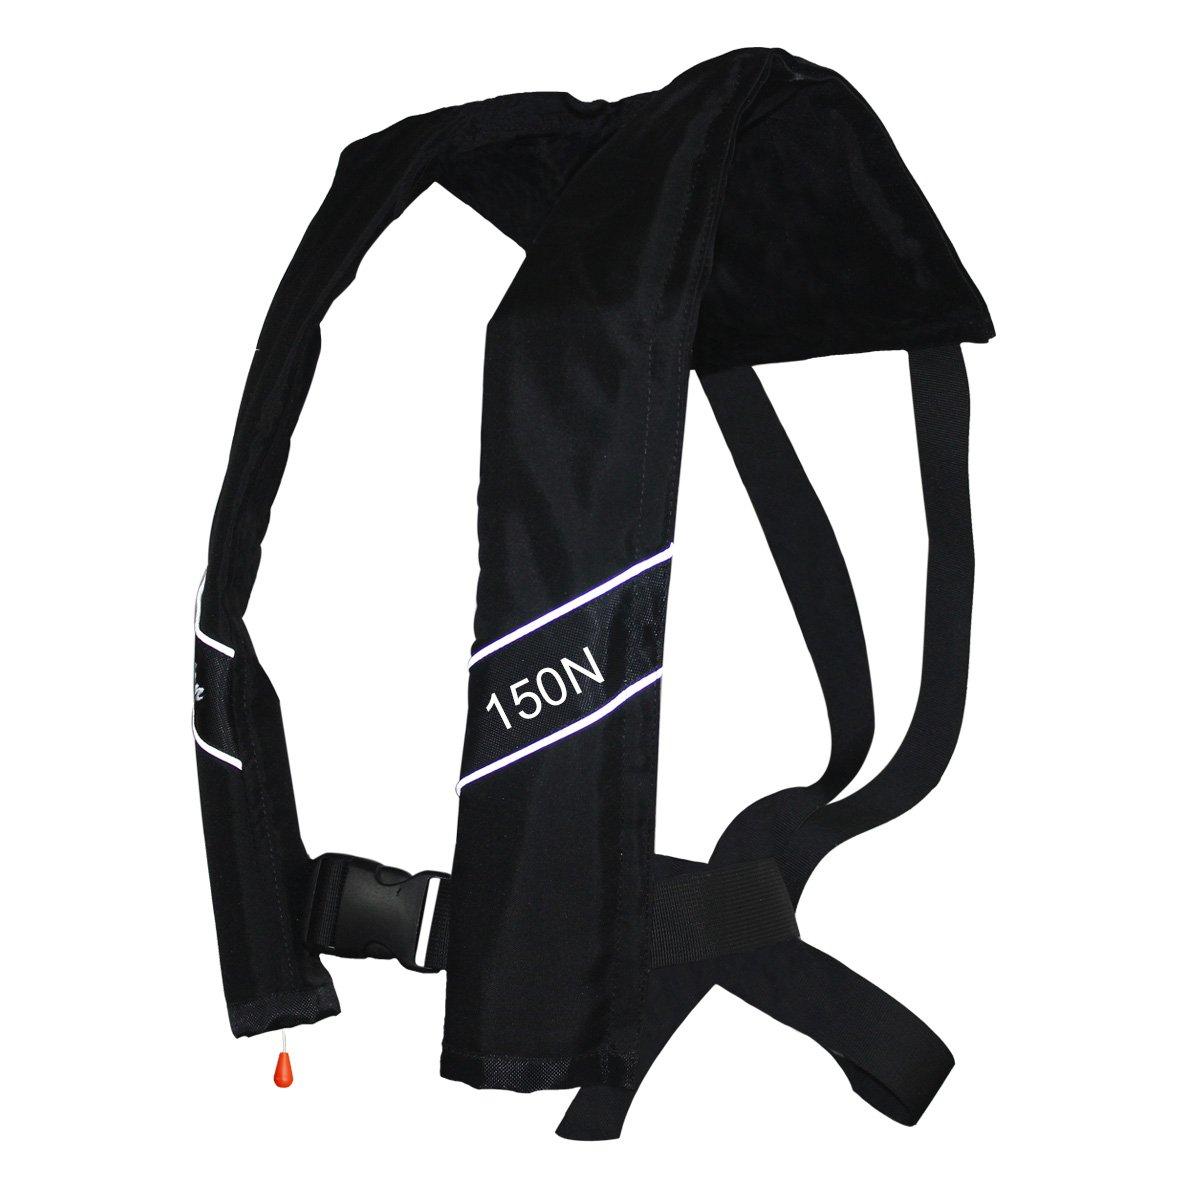 プロフェッショナル PFD 自動膨張式ライフジャケットベスト 150N 大人用 (ブラック)